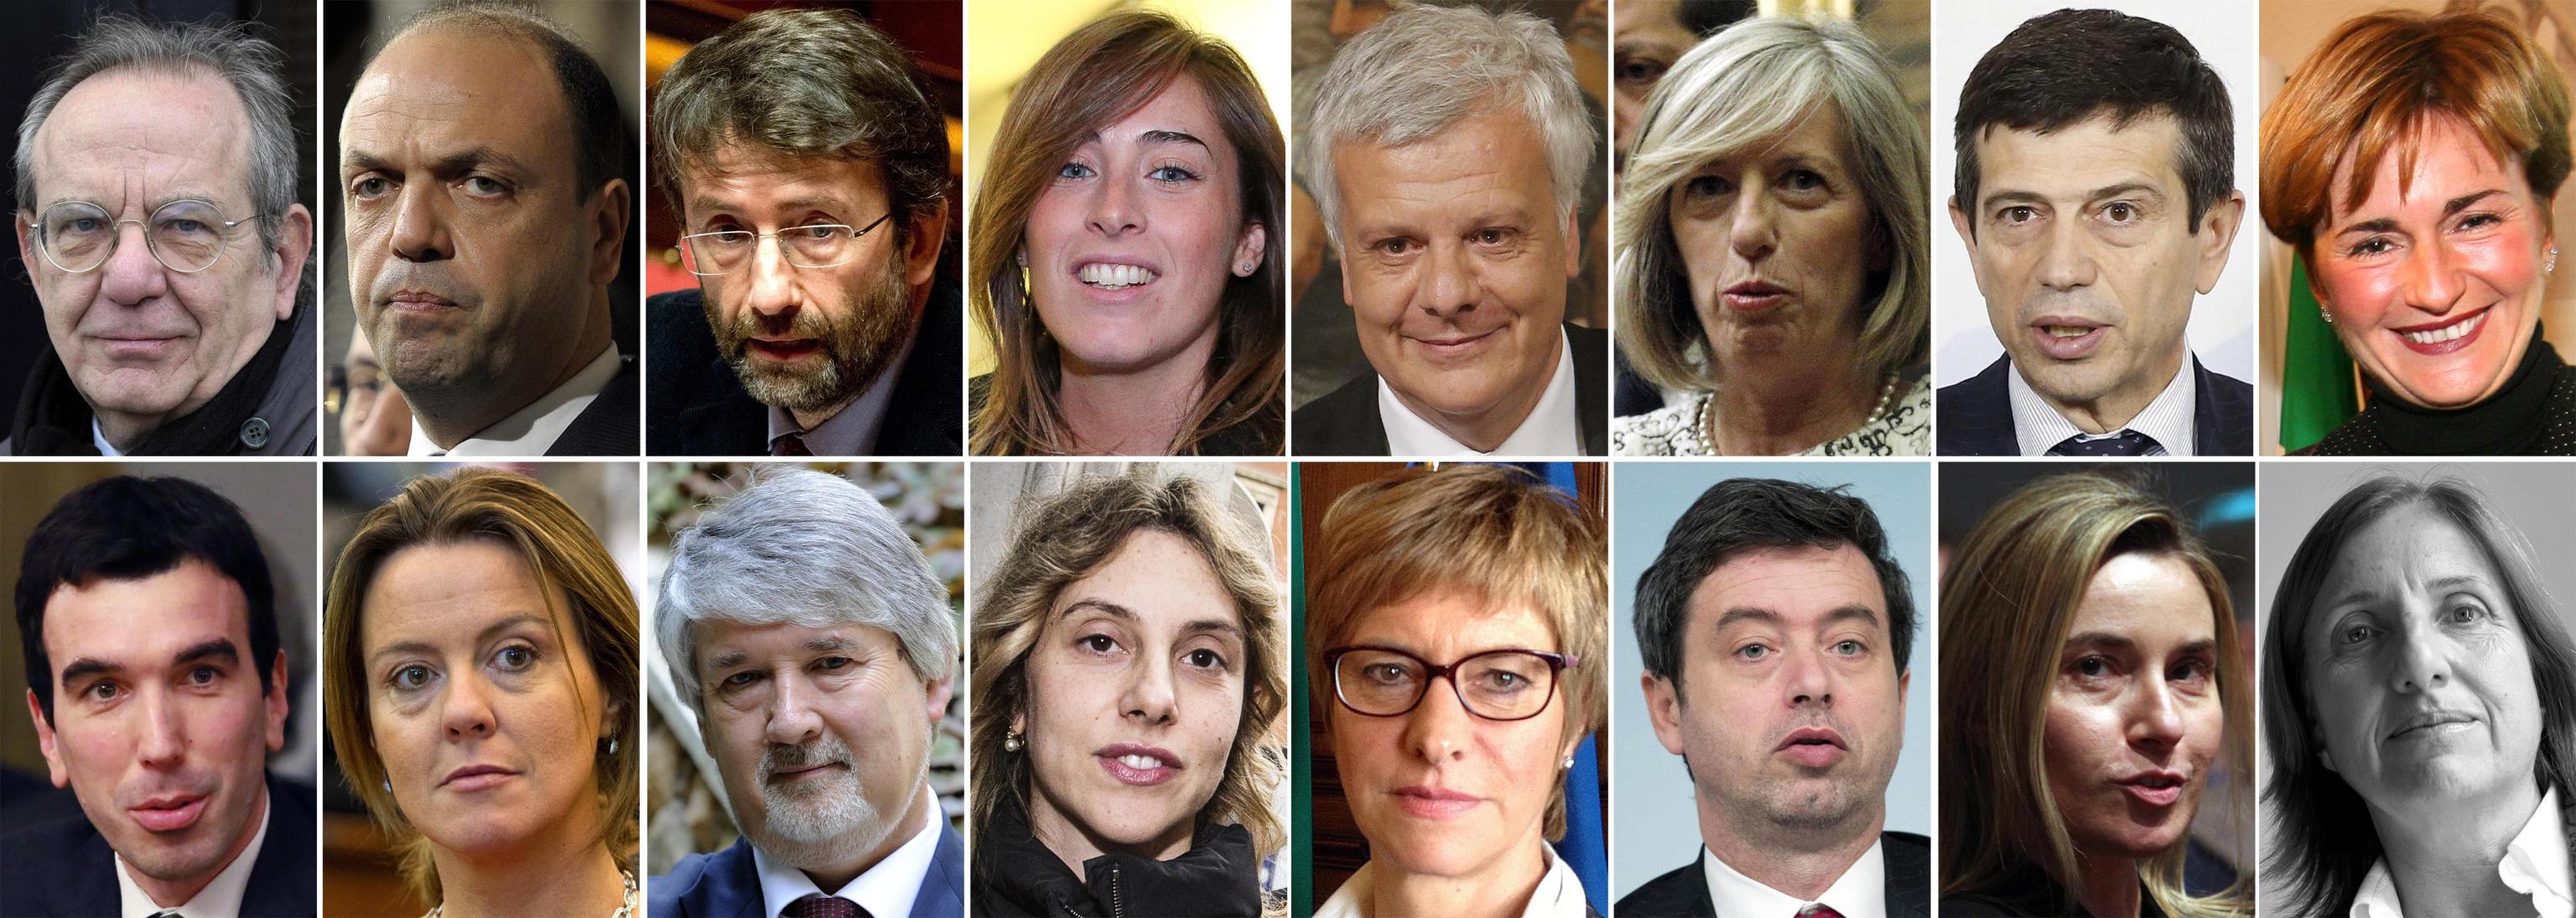 Governo renzi le facce di tutti i 16 ministri foto for Parlamentari donne del pd